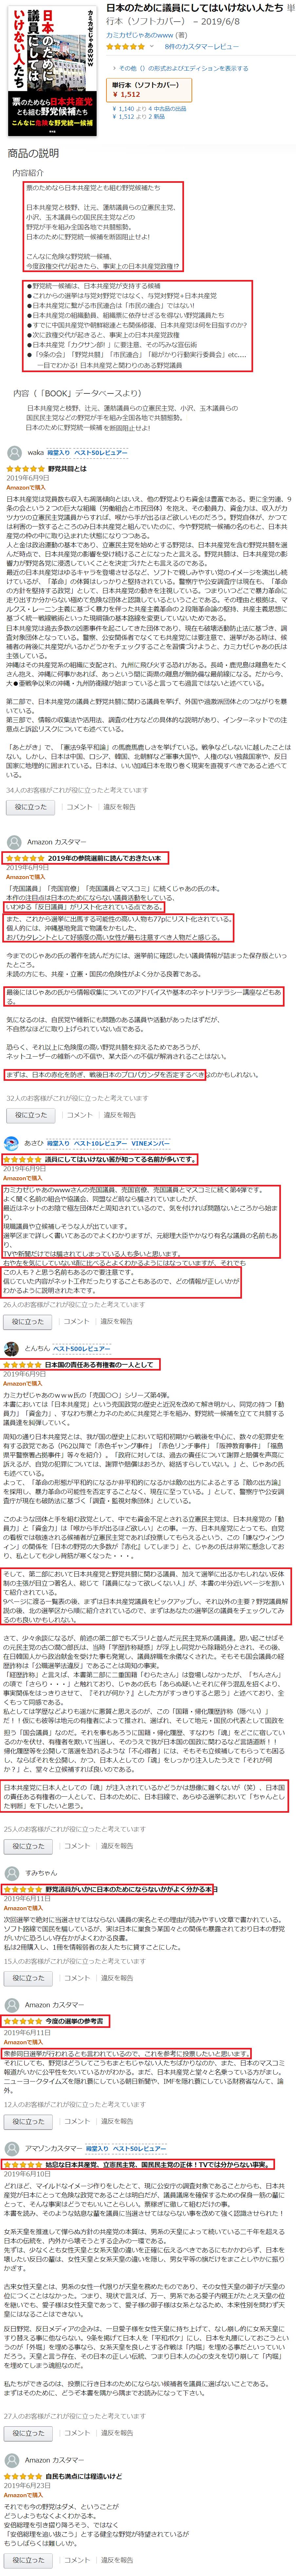 カミカゼじゃあの「日本の為に議員にしてはいけない人たち